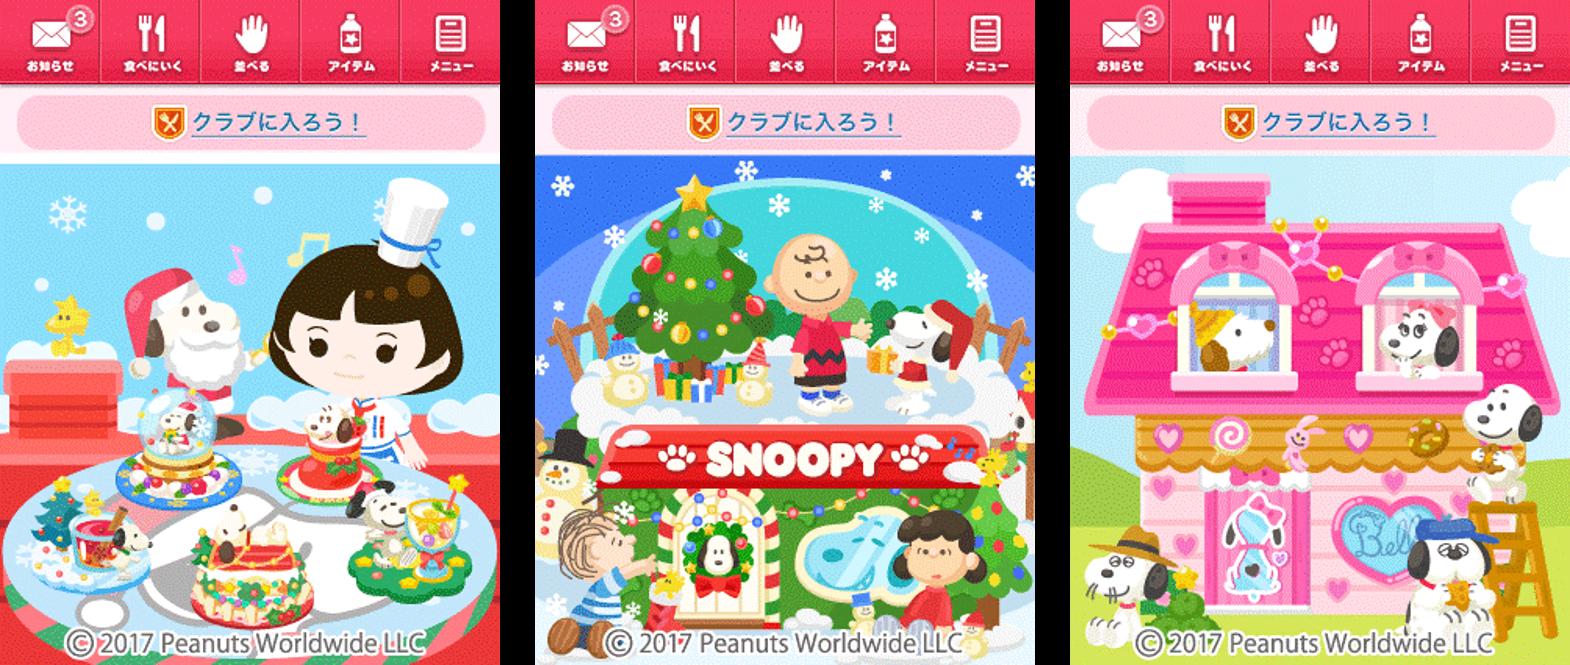 スマートフォン向けレシピゲーム Mogg が 人気キャラクター